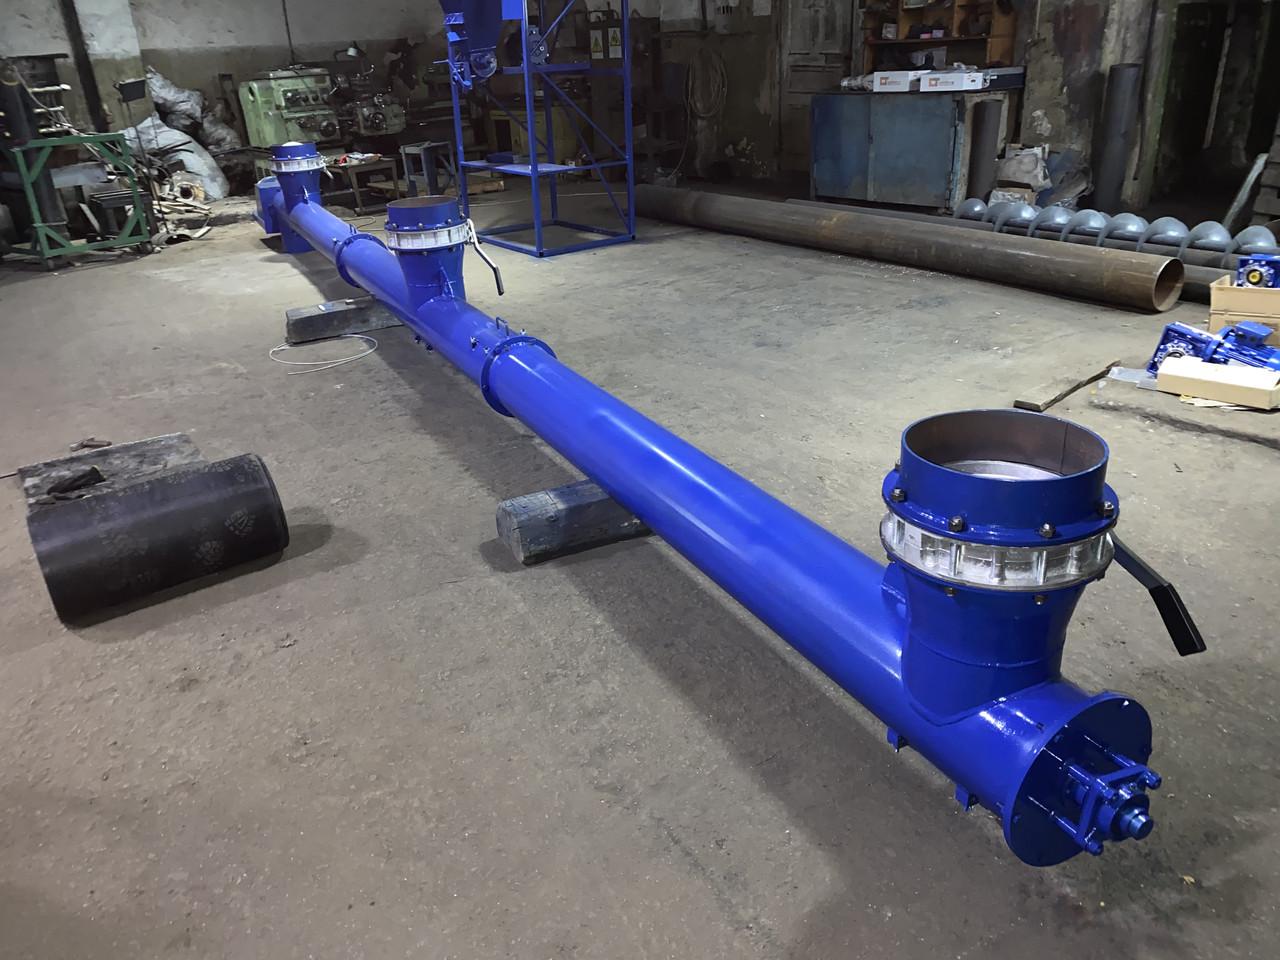 Шнековый винтовой конвейер (транспортёр) стационарный для транспортировки цемента